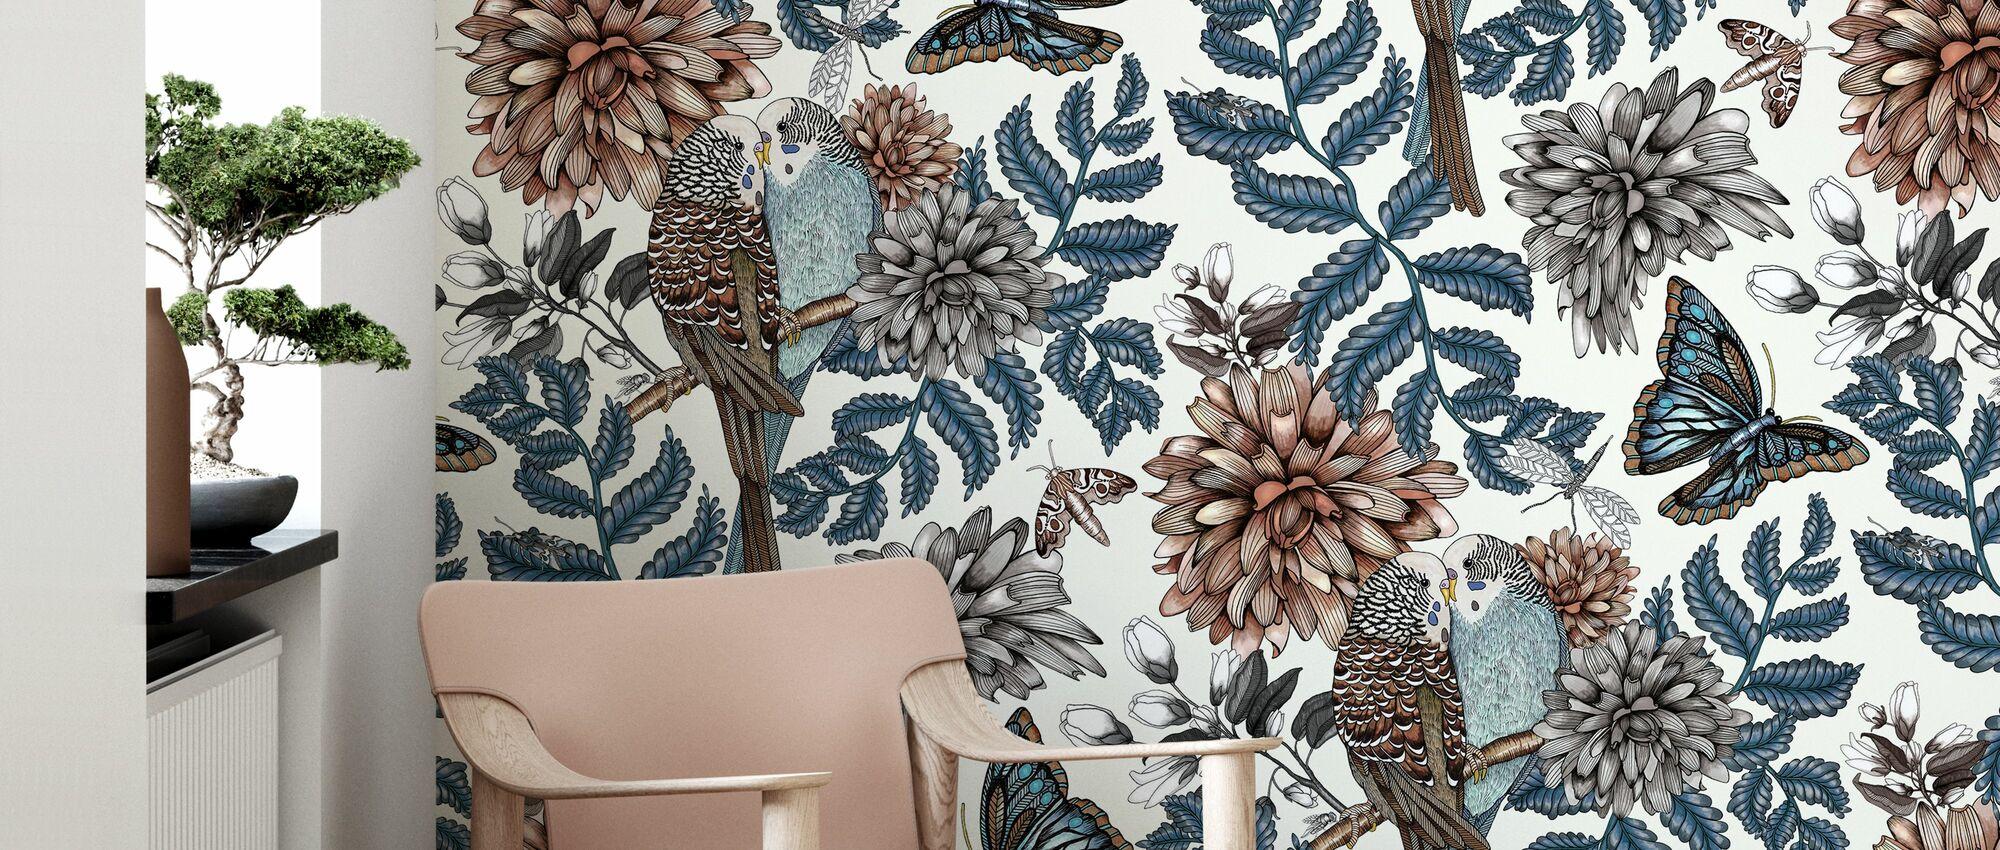 Lovebirds White - Large - Wallpaper - Living Room